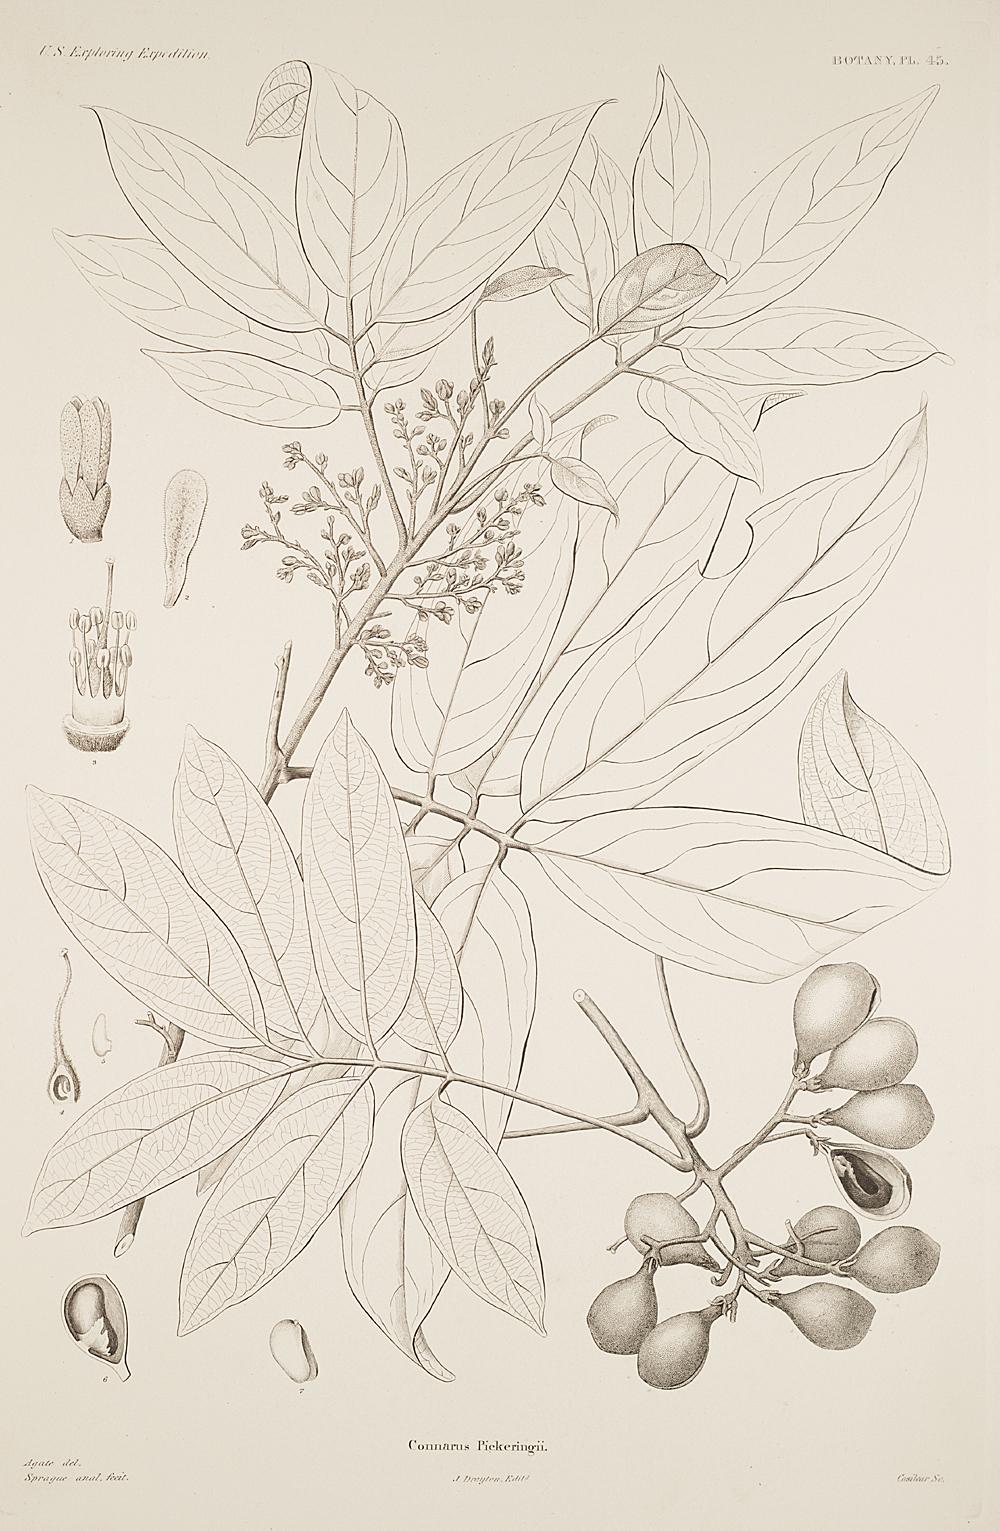 Botany, Pl. 45,  Image number:sil19-23-101b